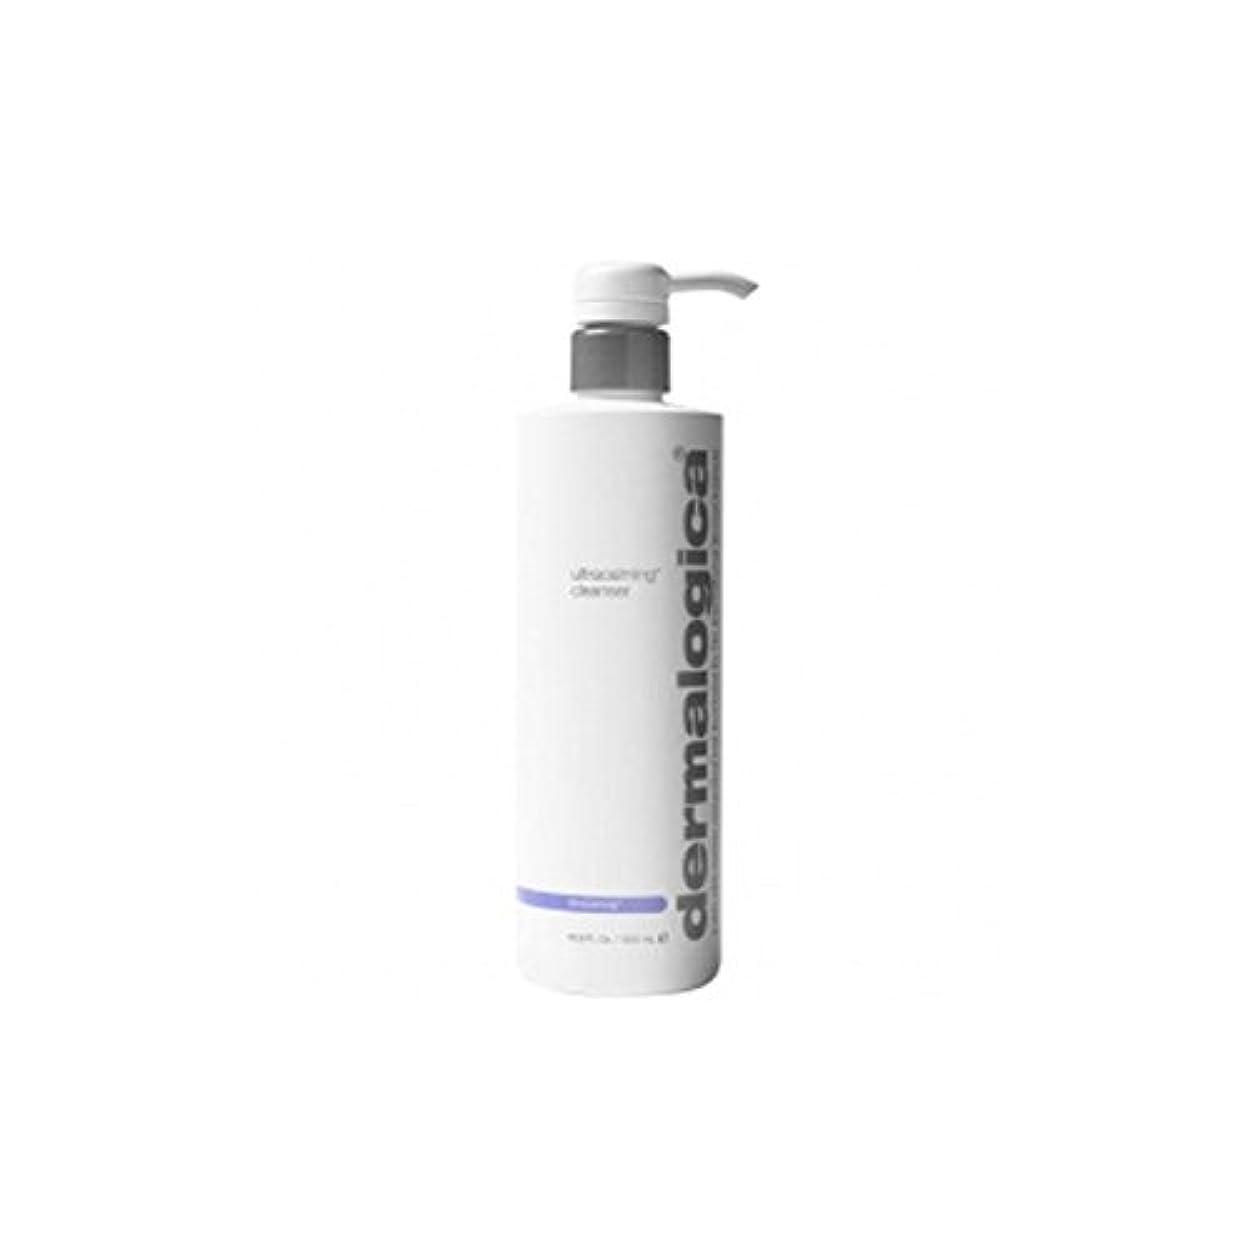 ベスト共和国国民投票Dermalogica Ultracalming Cleanser (500ml) (Pack of 6) - ダーマロジカクレンザー(500ミリリットル) x6 [並行輸入品]